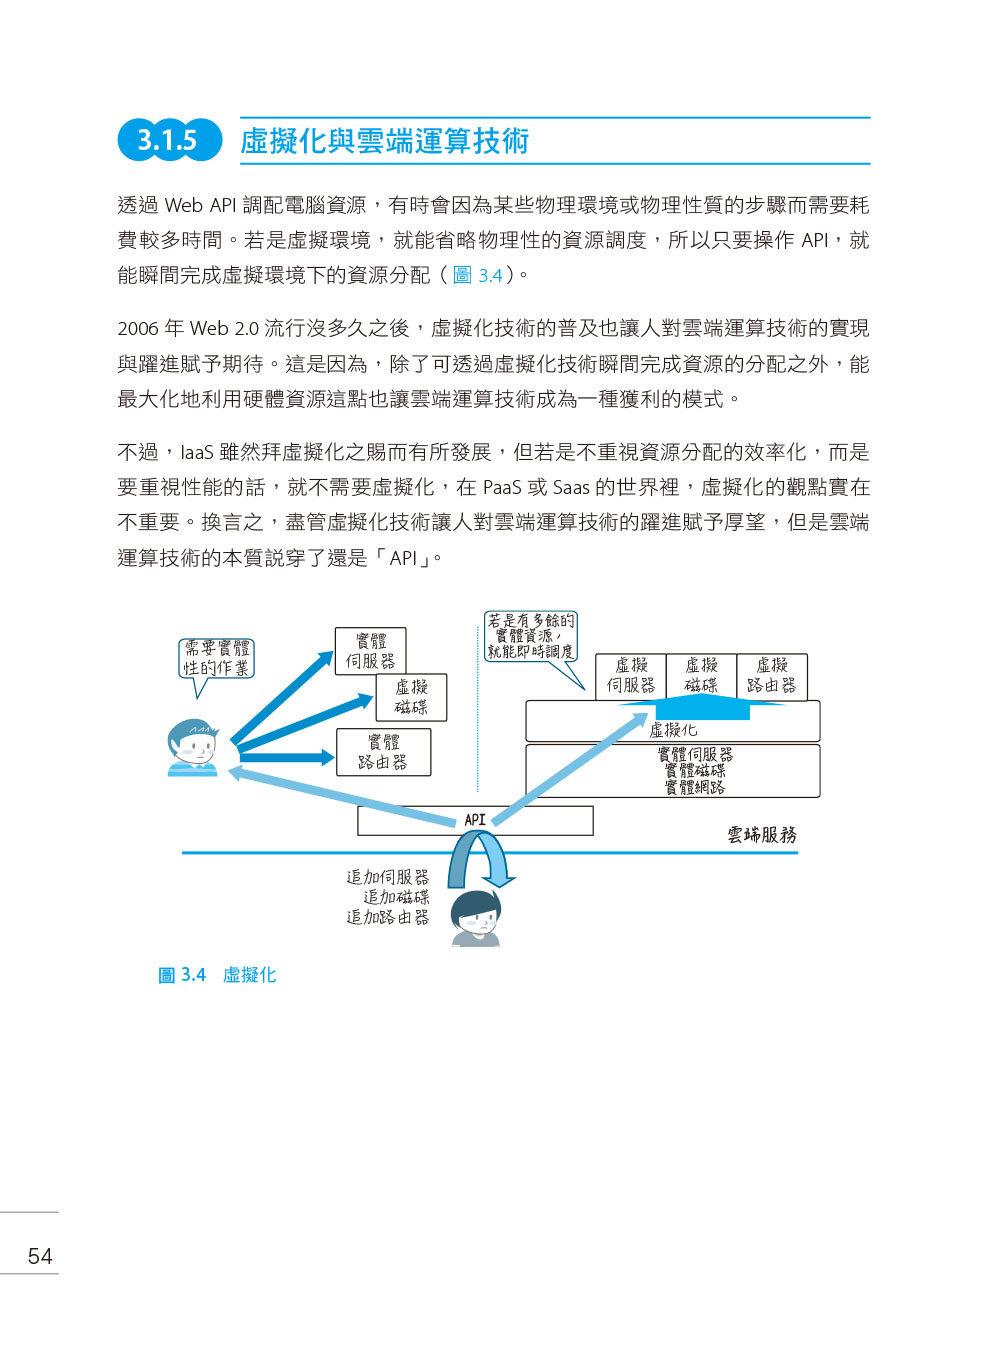 圖解雲端技術|基礎架構x運作原理 x API-preview-10